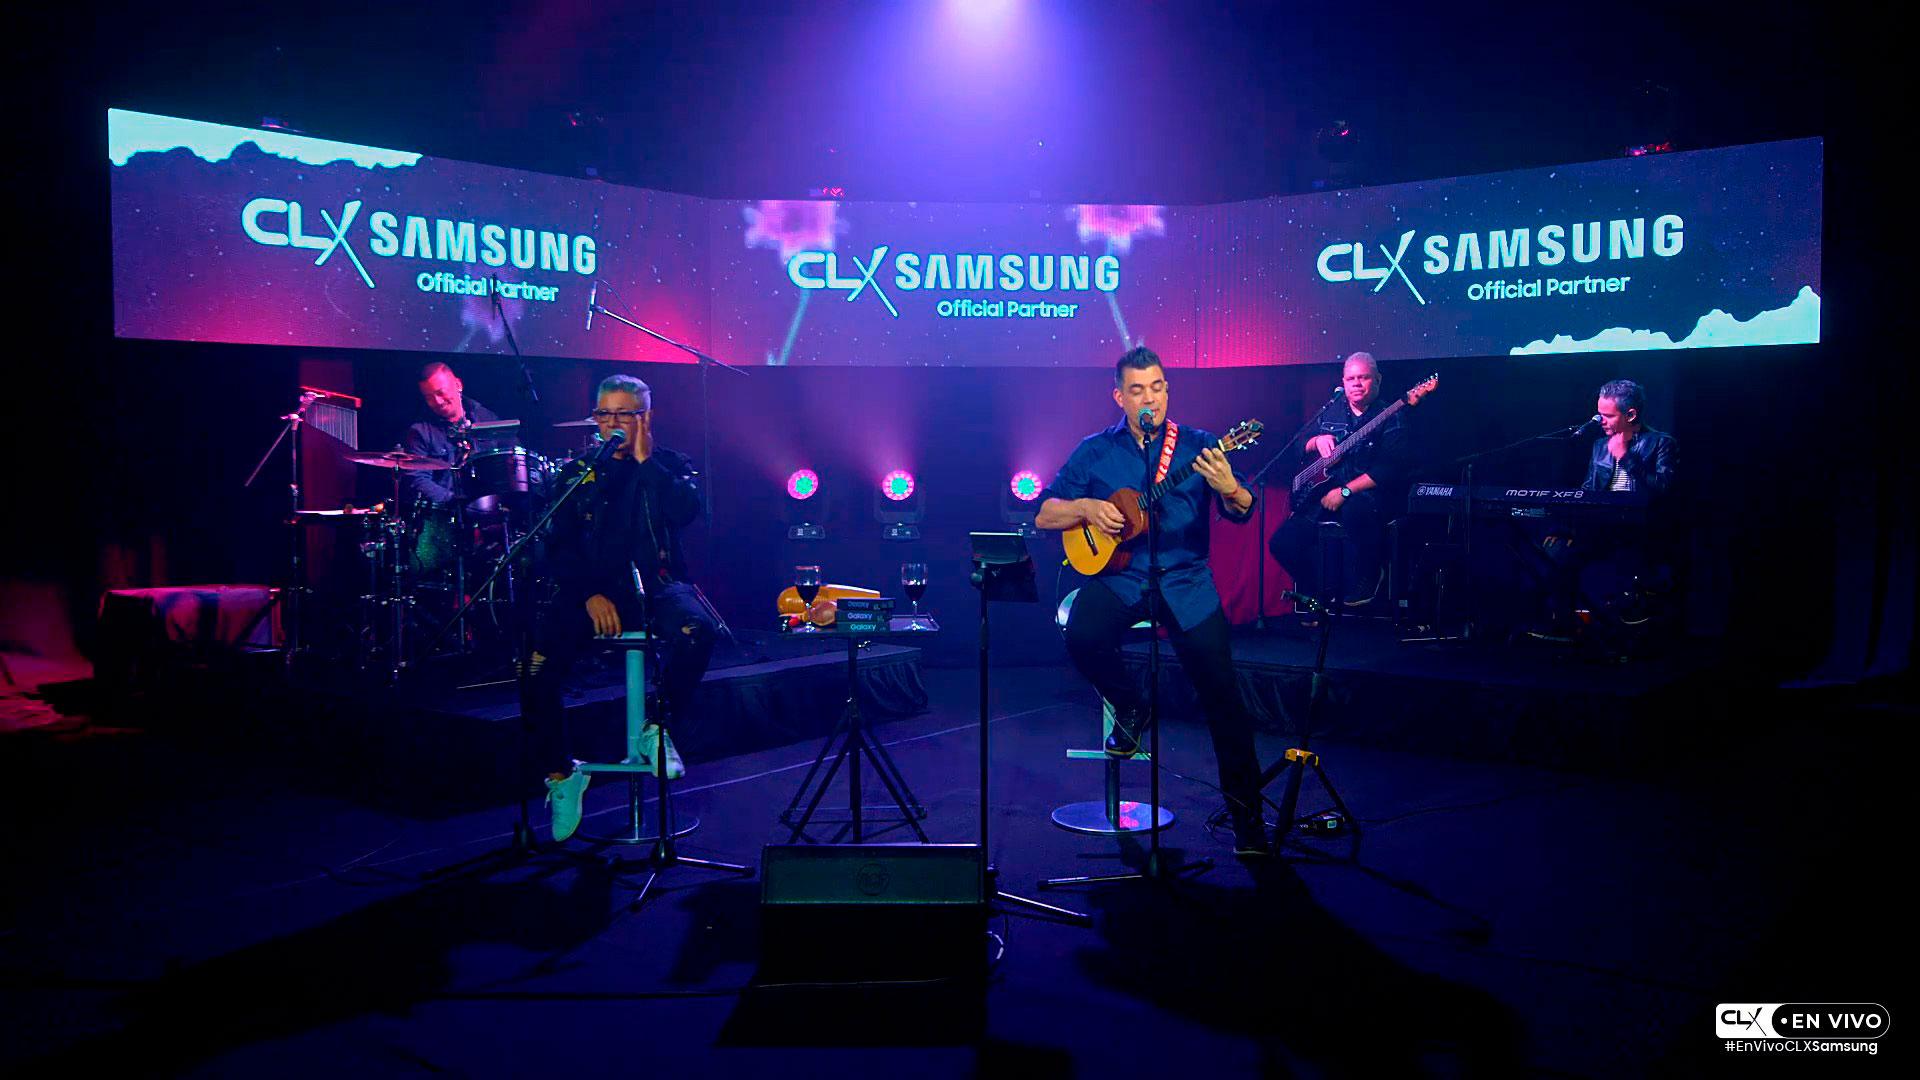 en vivo clx samsung 3